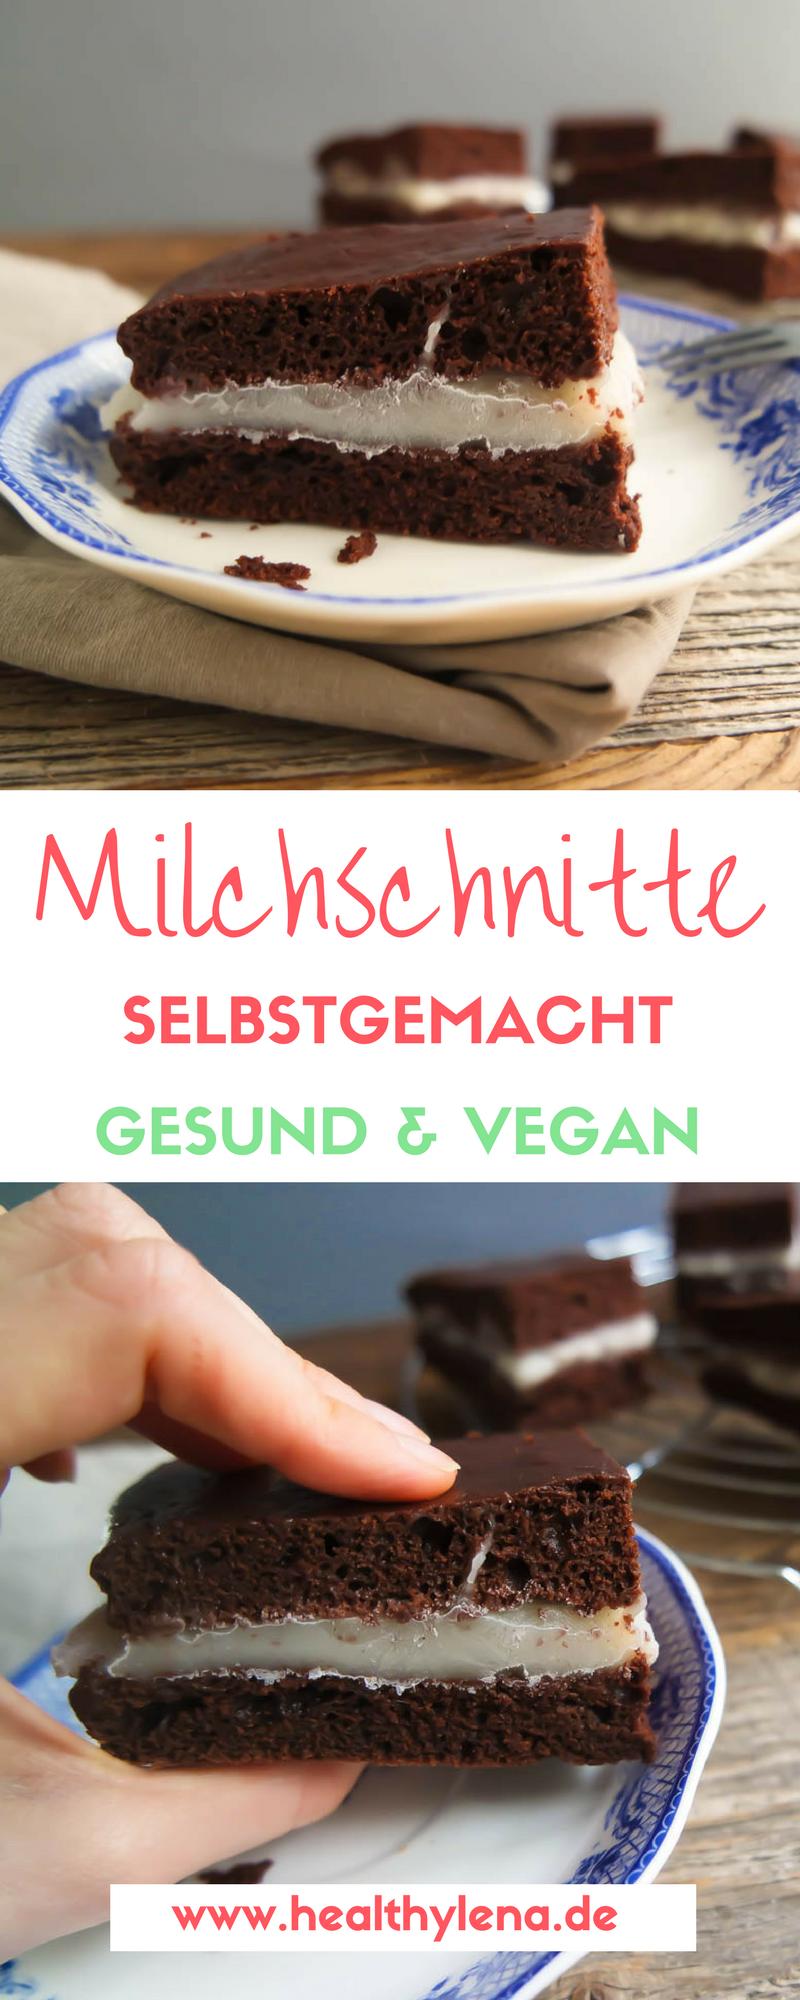 Vegane Milchschnitte Einfach Gesund Lecker Lecker Milchschnitte Kuchen Mit Wenig Zutaten